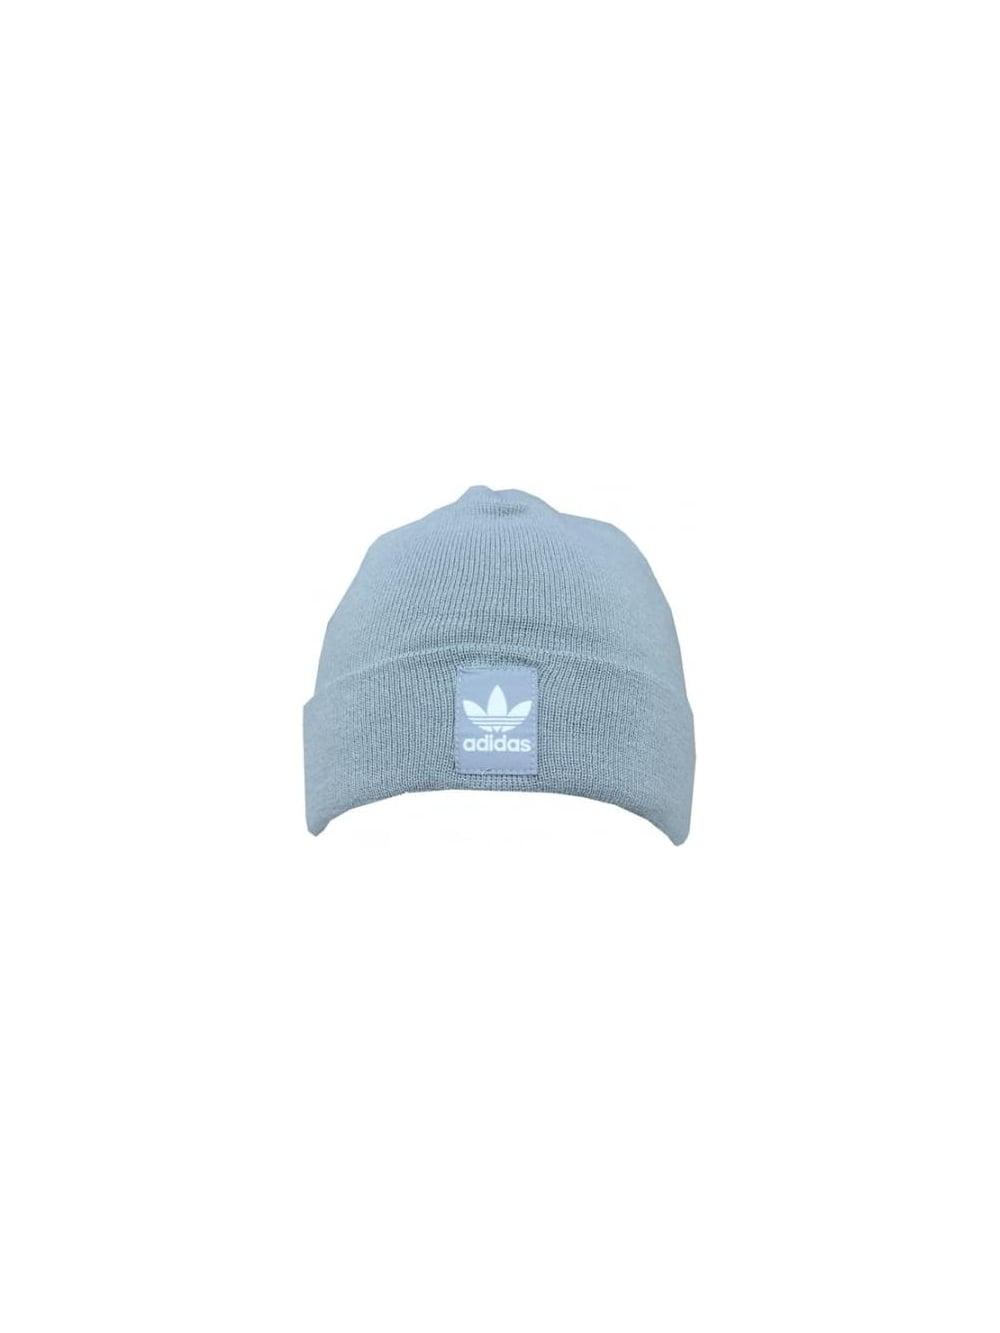 adidas orignals Rib Logo Beanie in Grey - Northern Threads c35b521a533